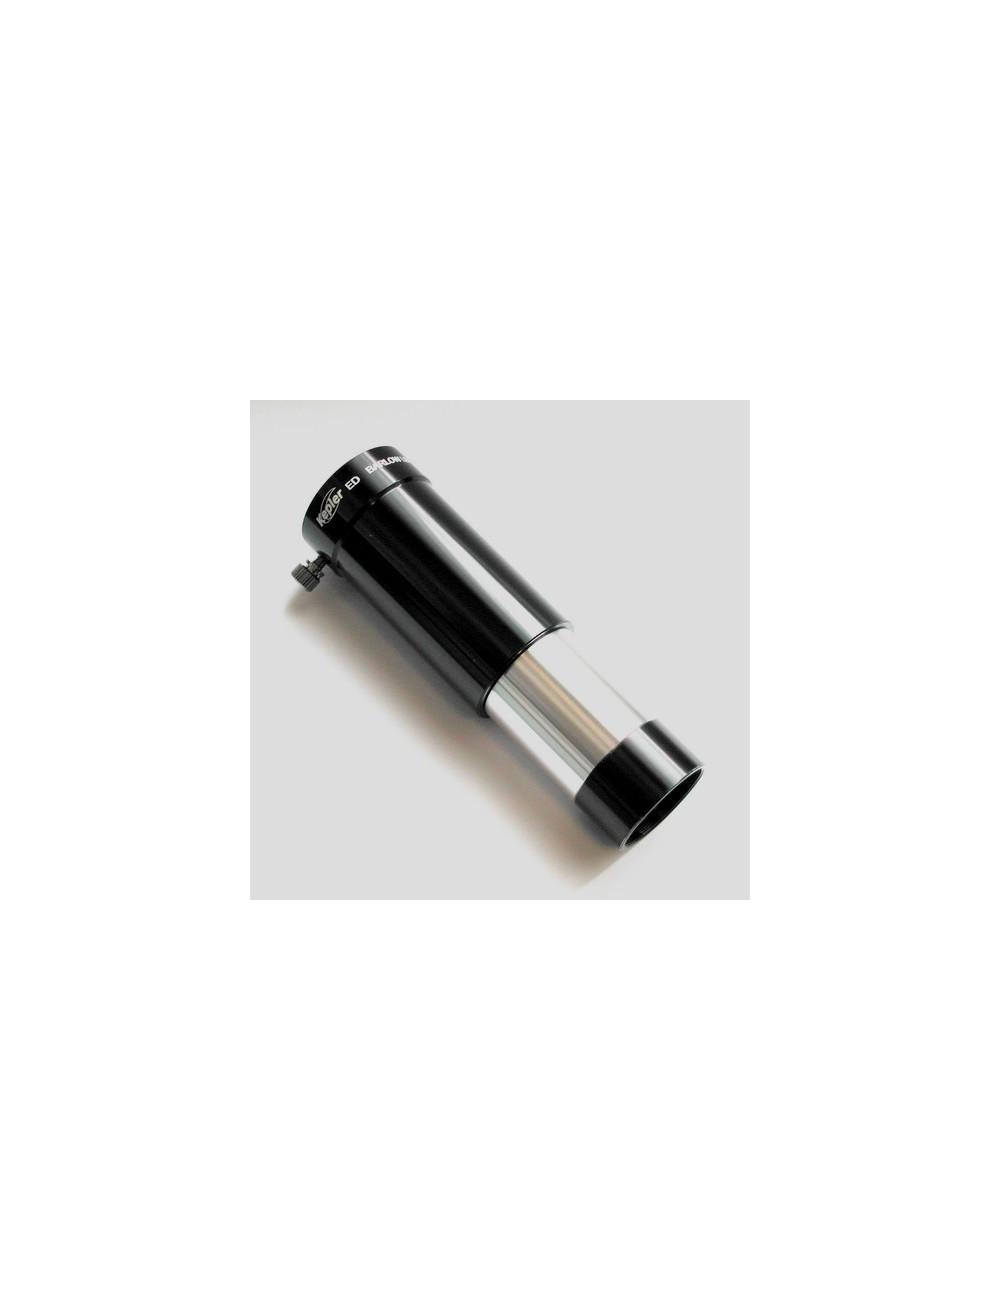 Barlow 3x ED Kepler 31,75 mm